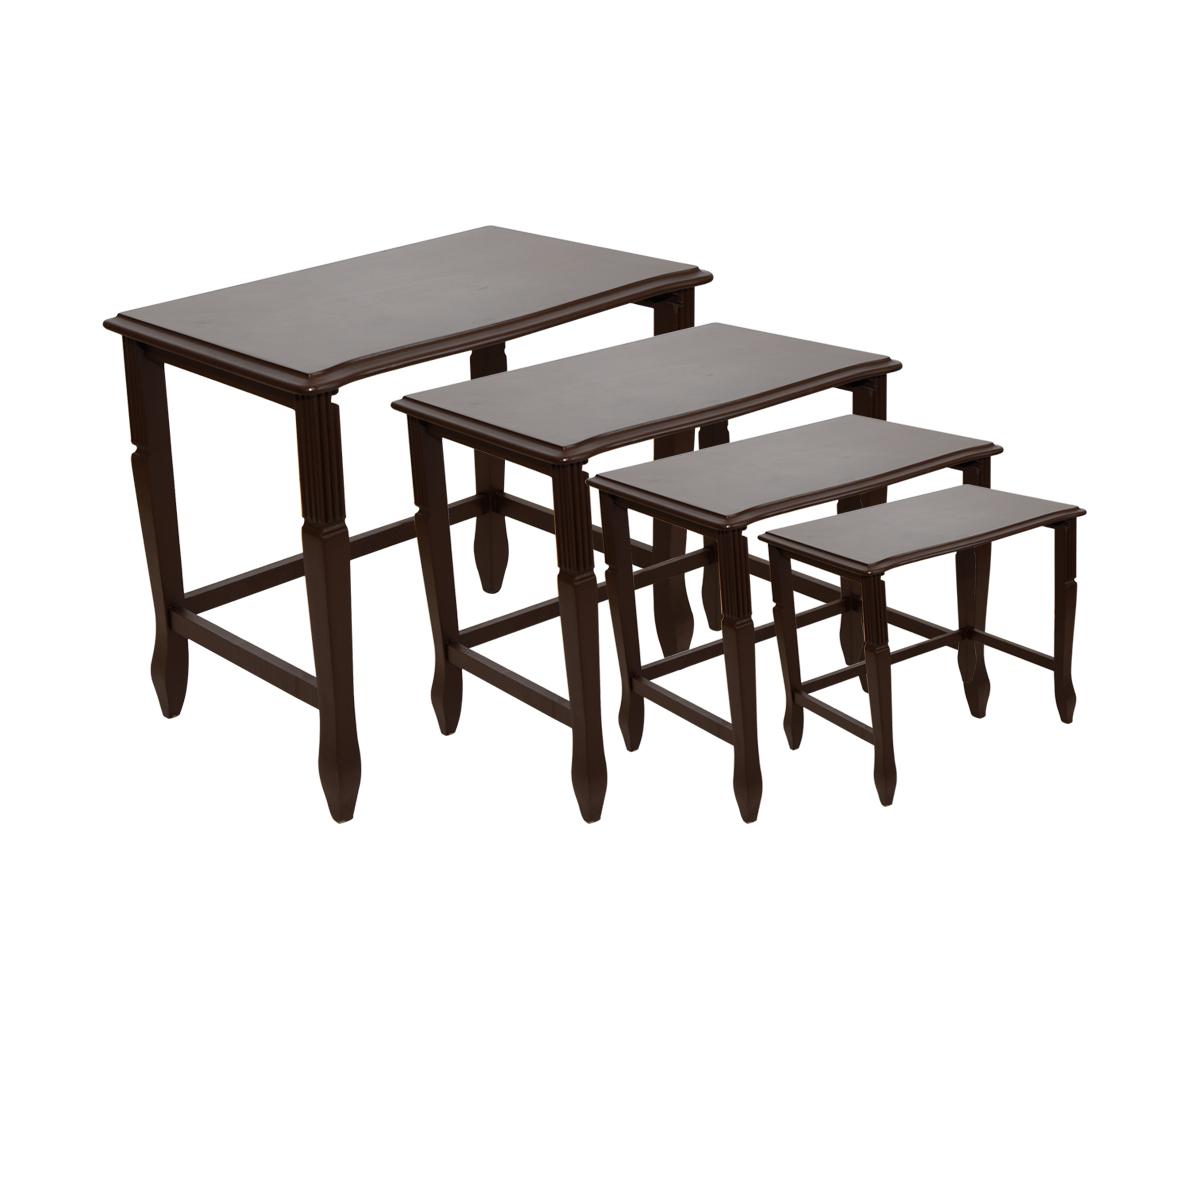 طاولة تقديم وخدمة خشب تركي 4 قطع لون بني